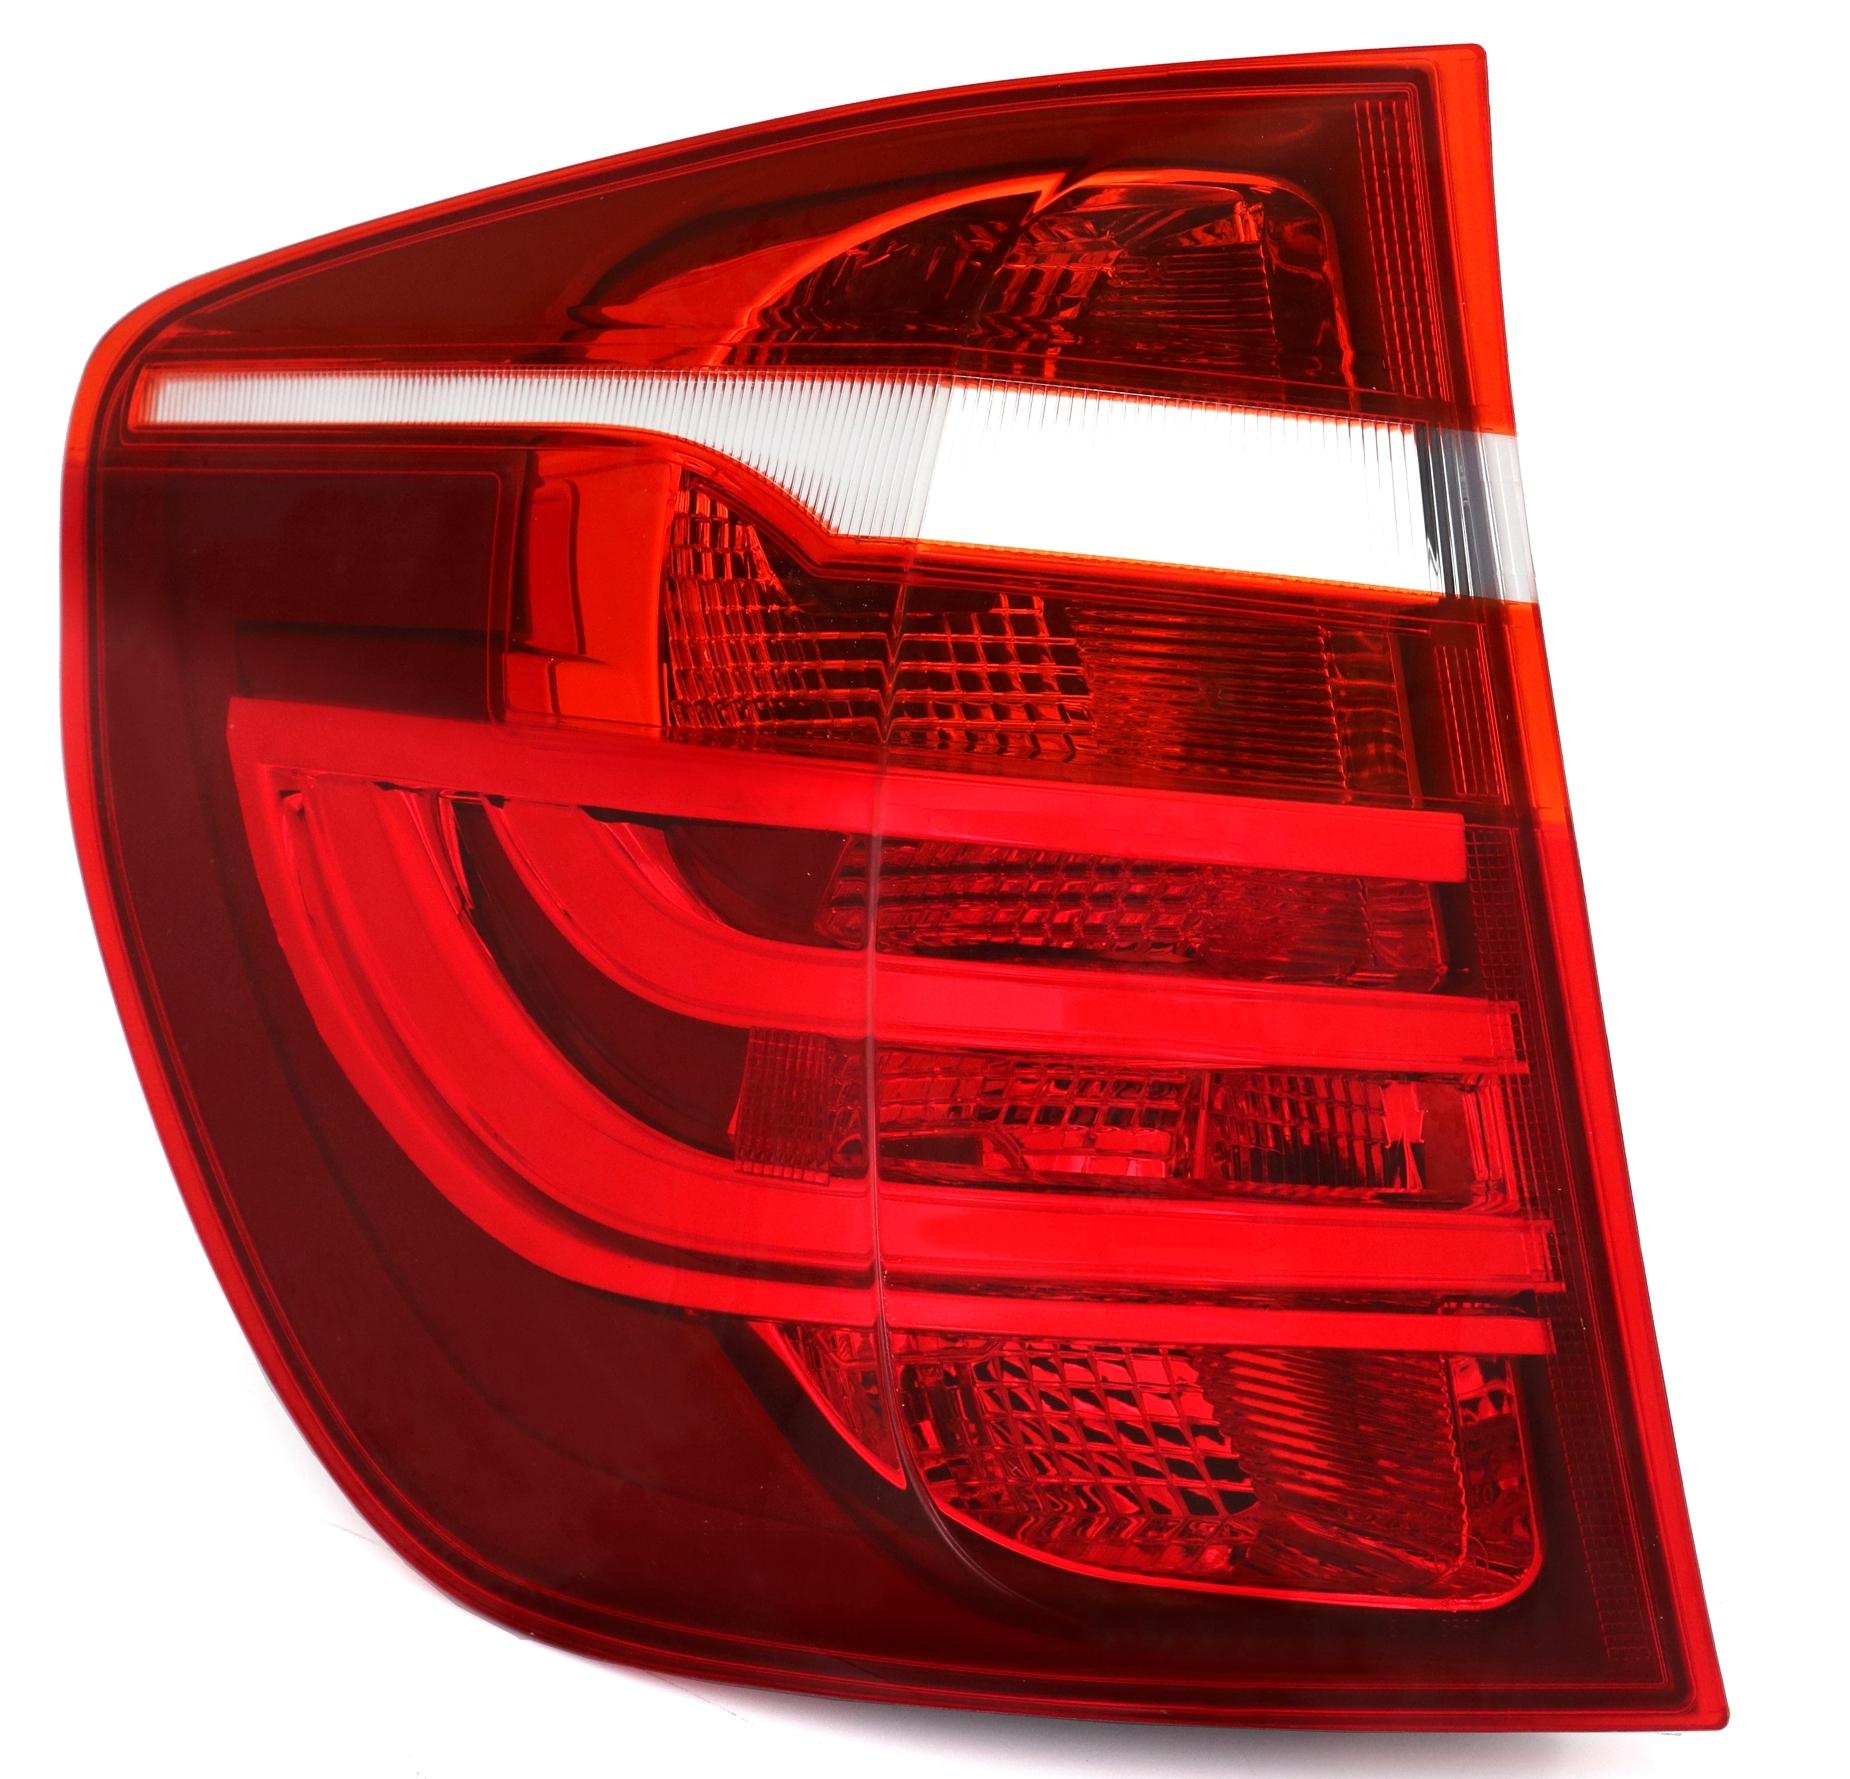 KG DEPO R/ücklicht Rot Linke Seite Fahrerseite R/ückleuchte Heckleuchte AD Tuning GmbH /& Co